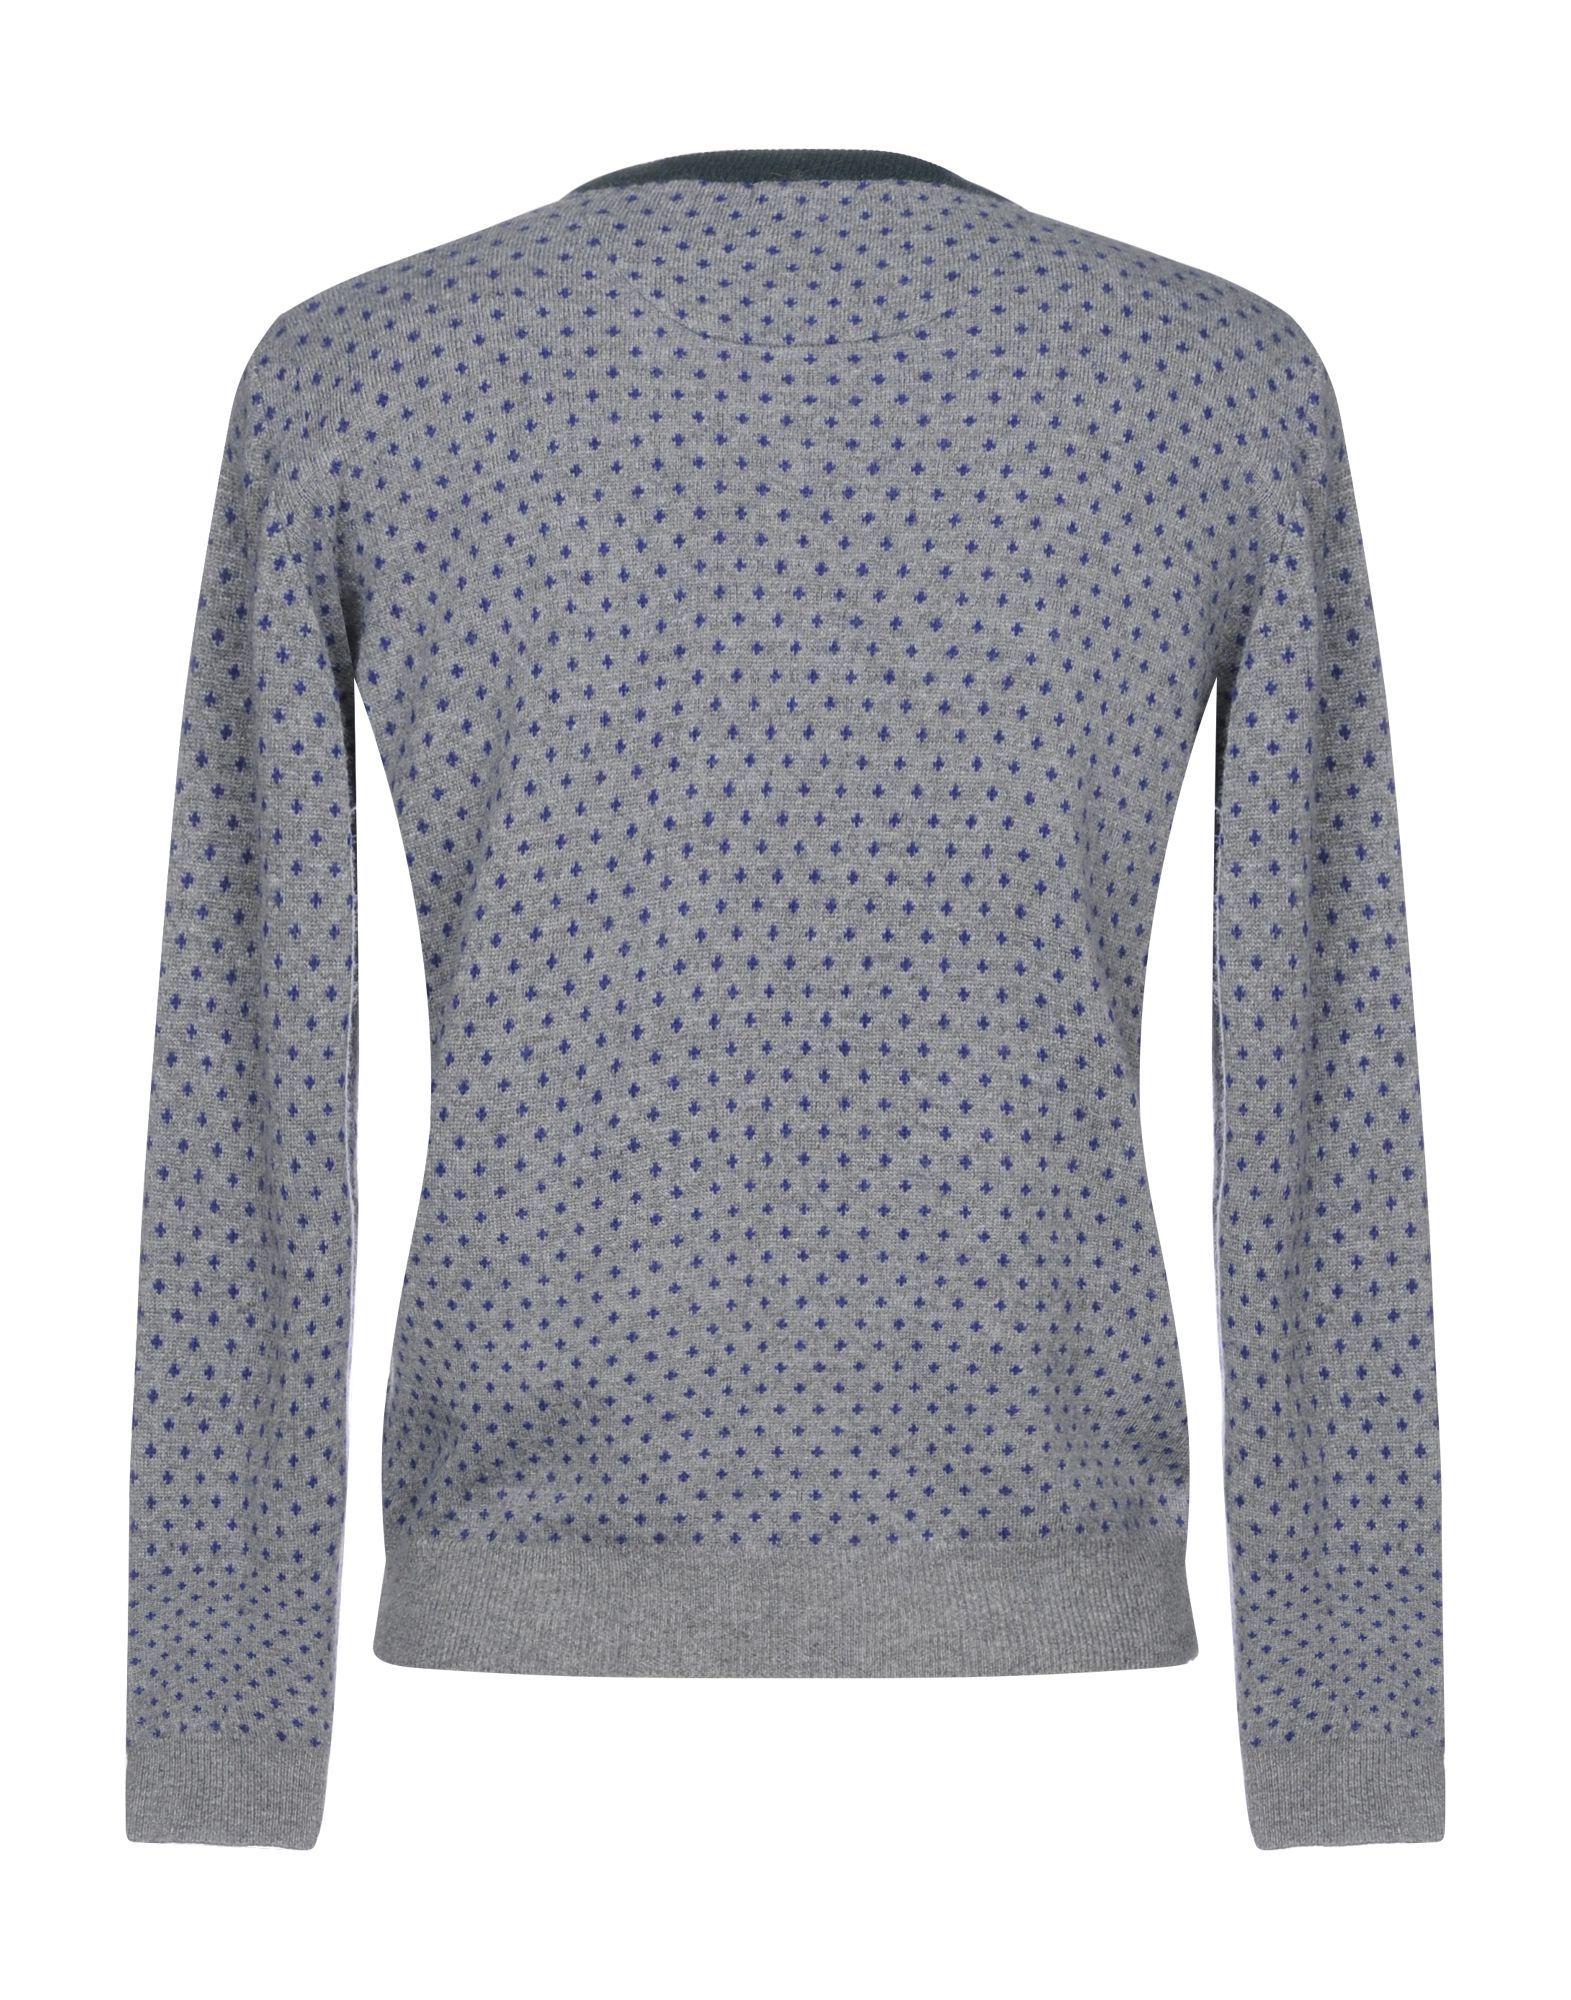 Herman & Sons Grey Wool Jumper